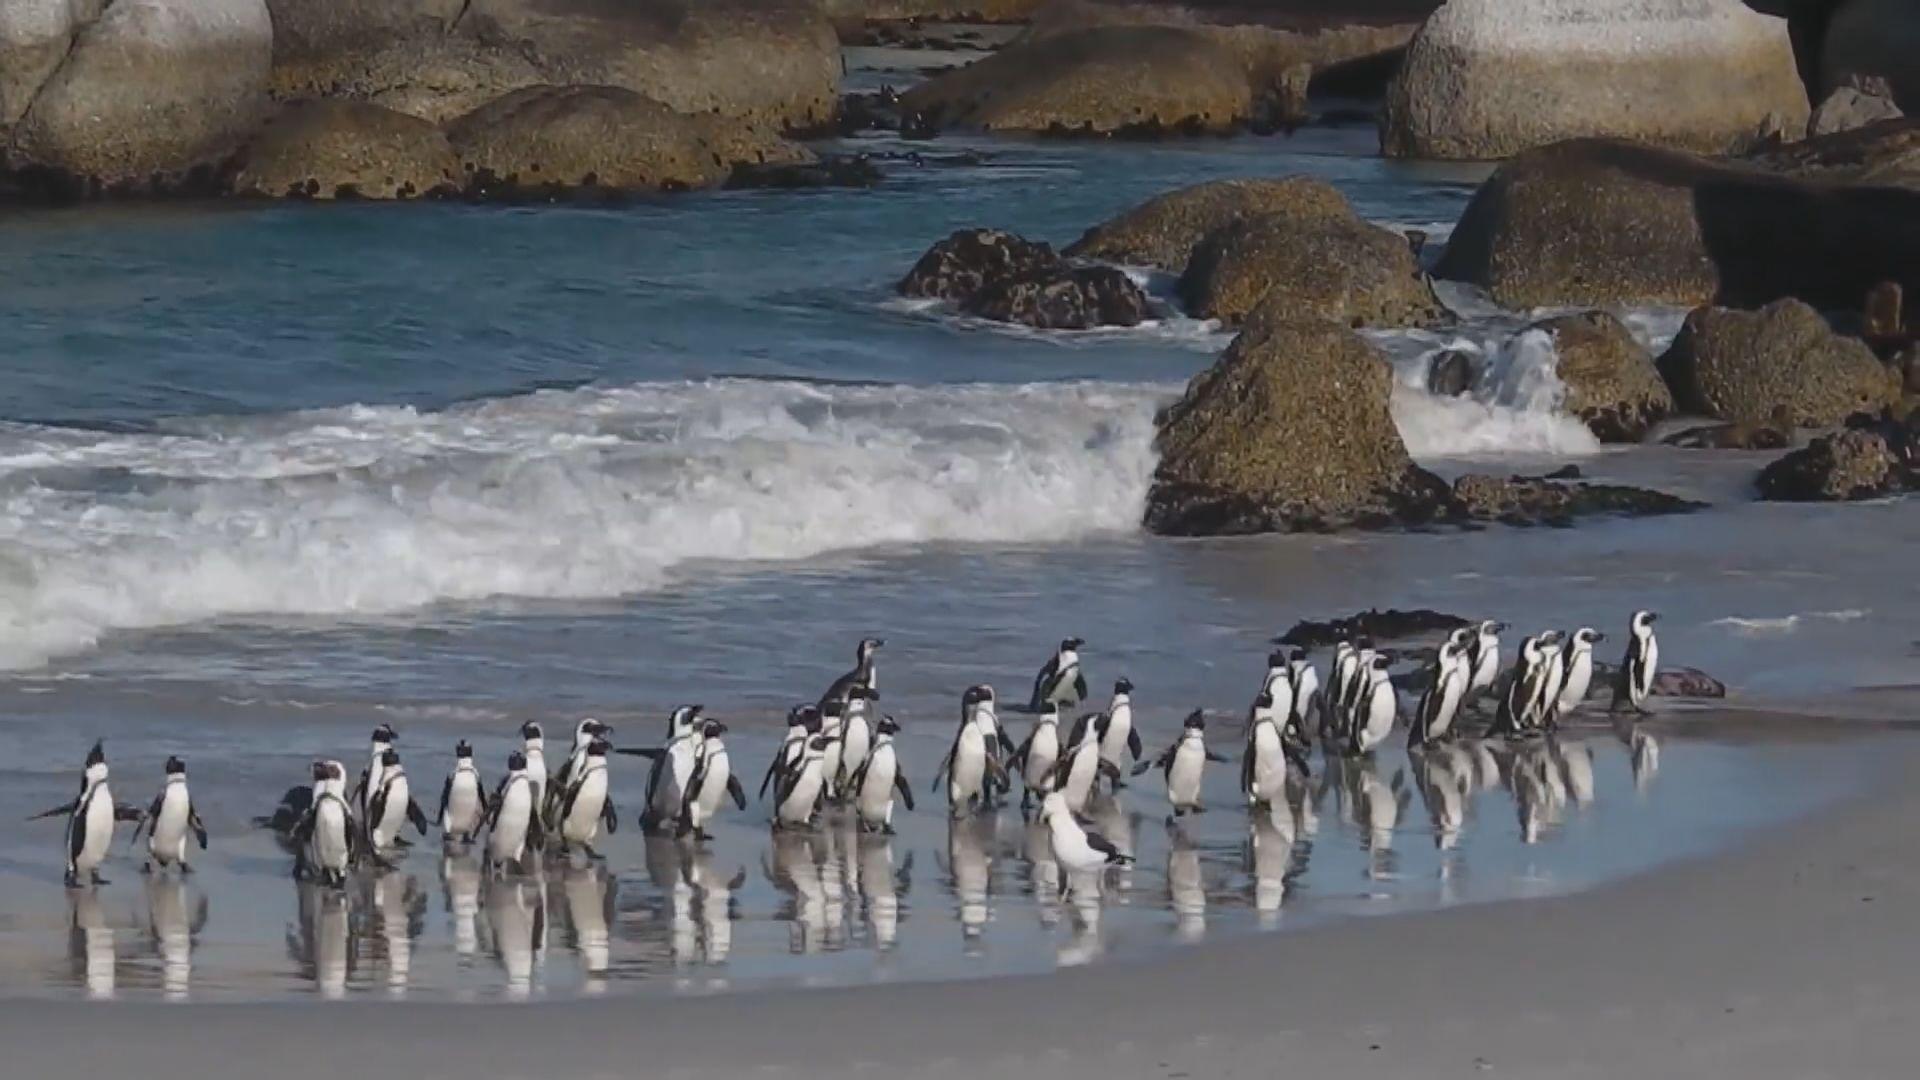 【環球薈報】南非63隻瀕危黑腳企鵝被蜜蜂攻擊死亡